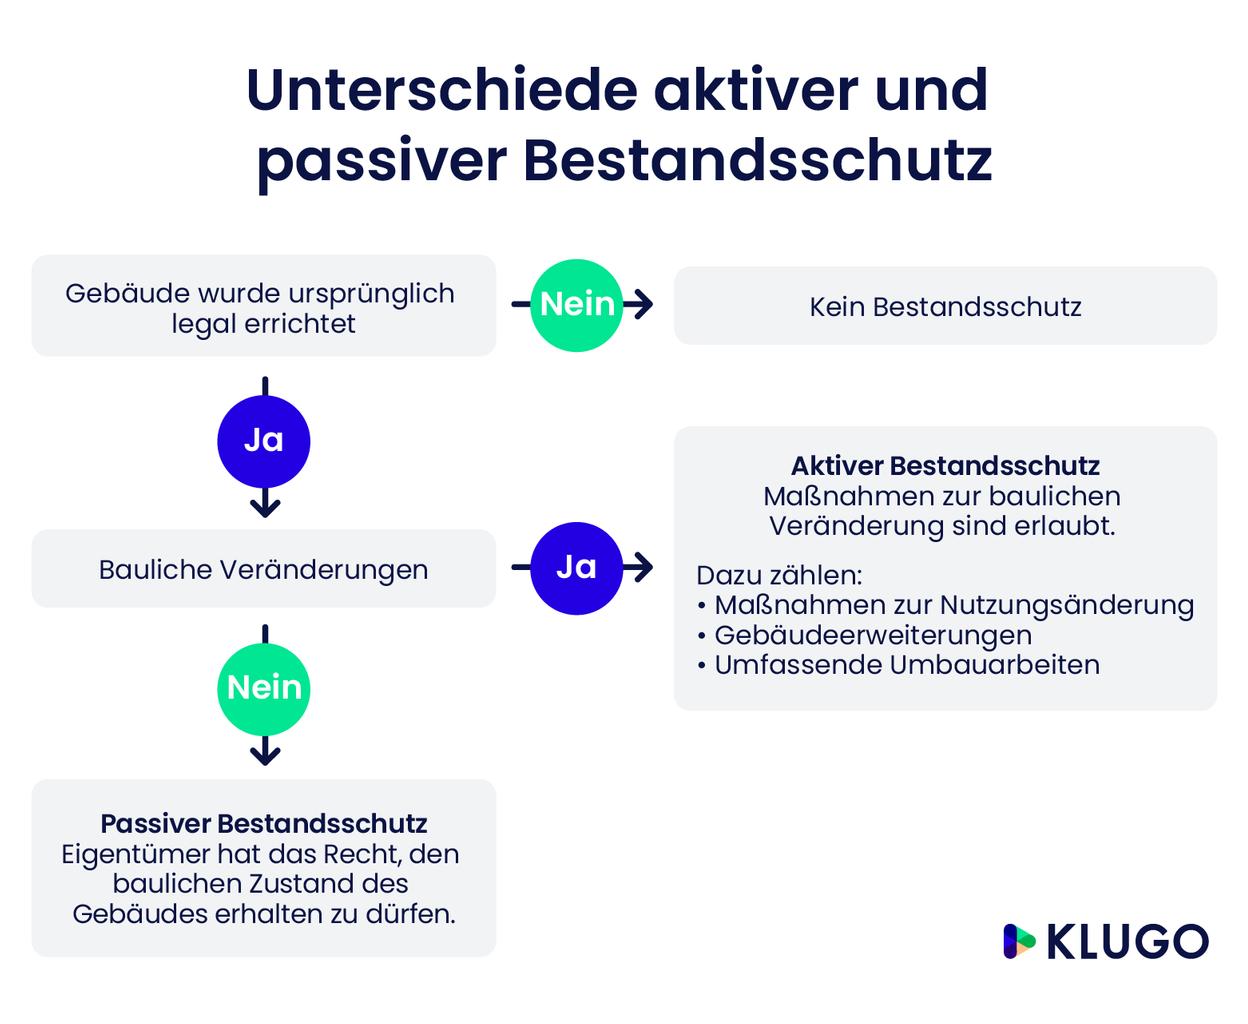 Unterschiede aktiver und passiver Bestandsschutz – Infografik